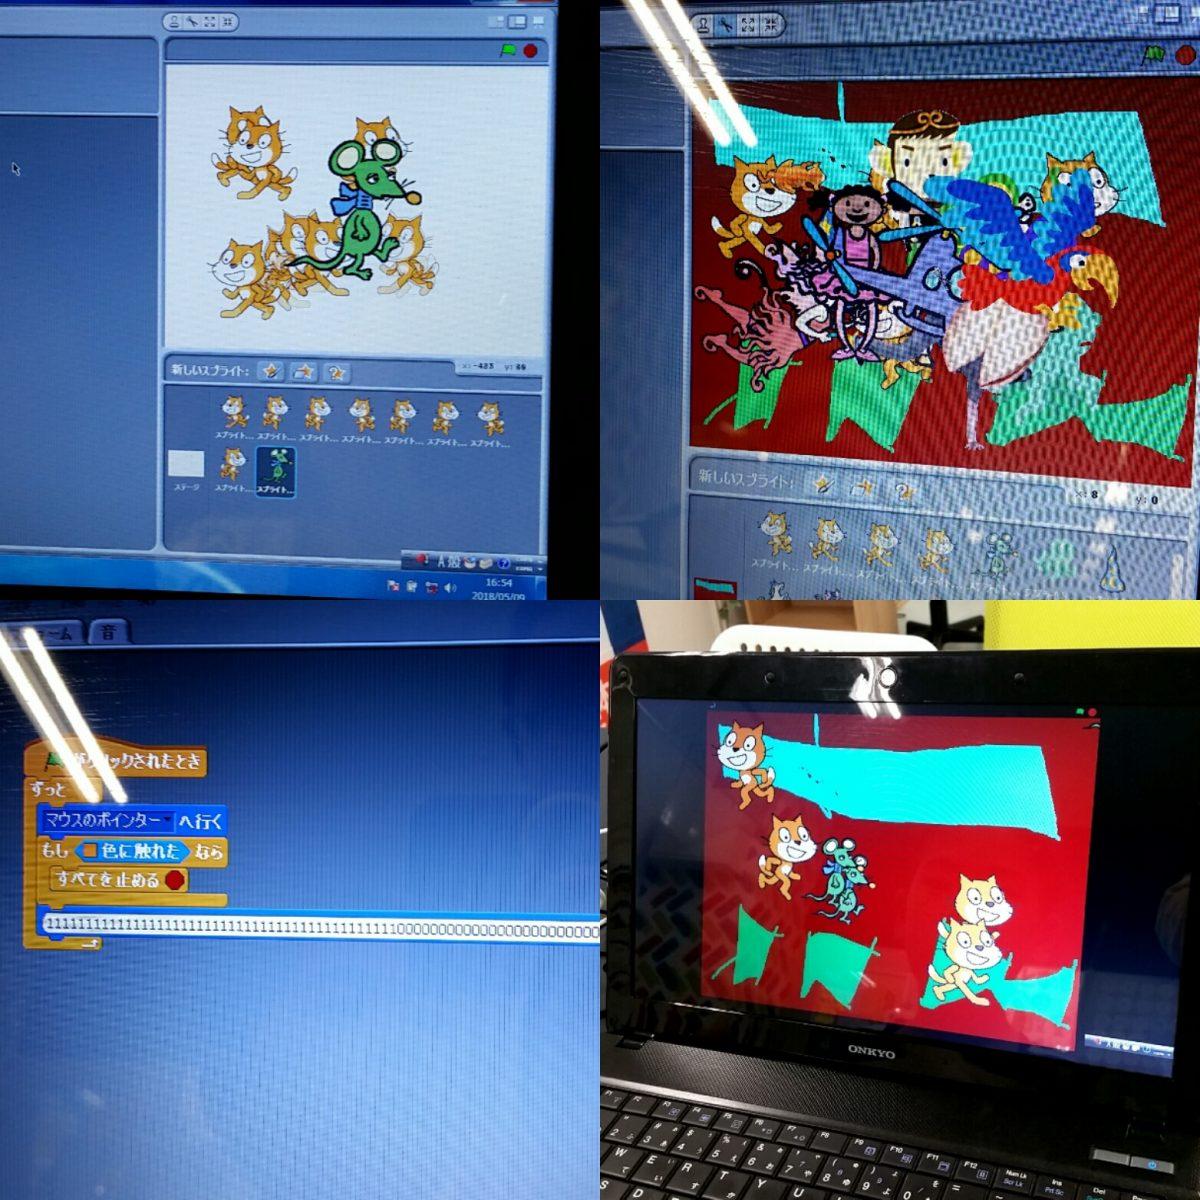 キッズプログラミング教室